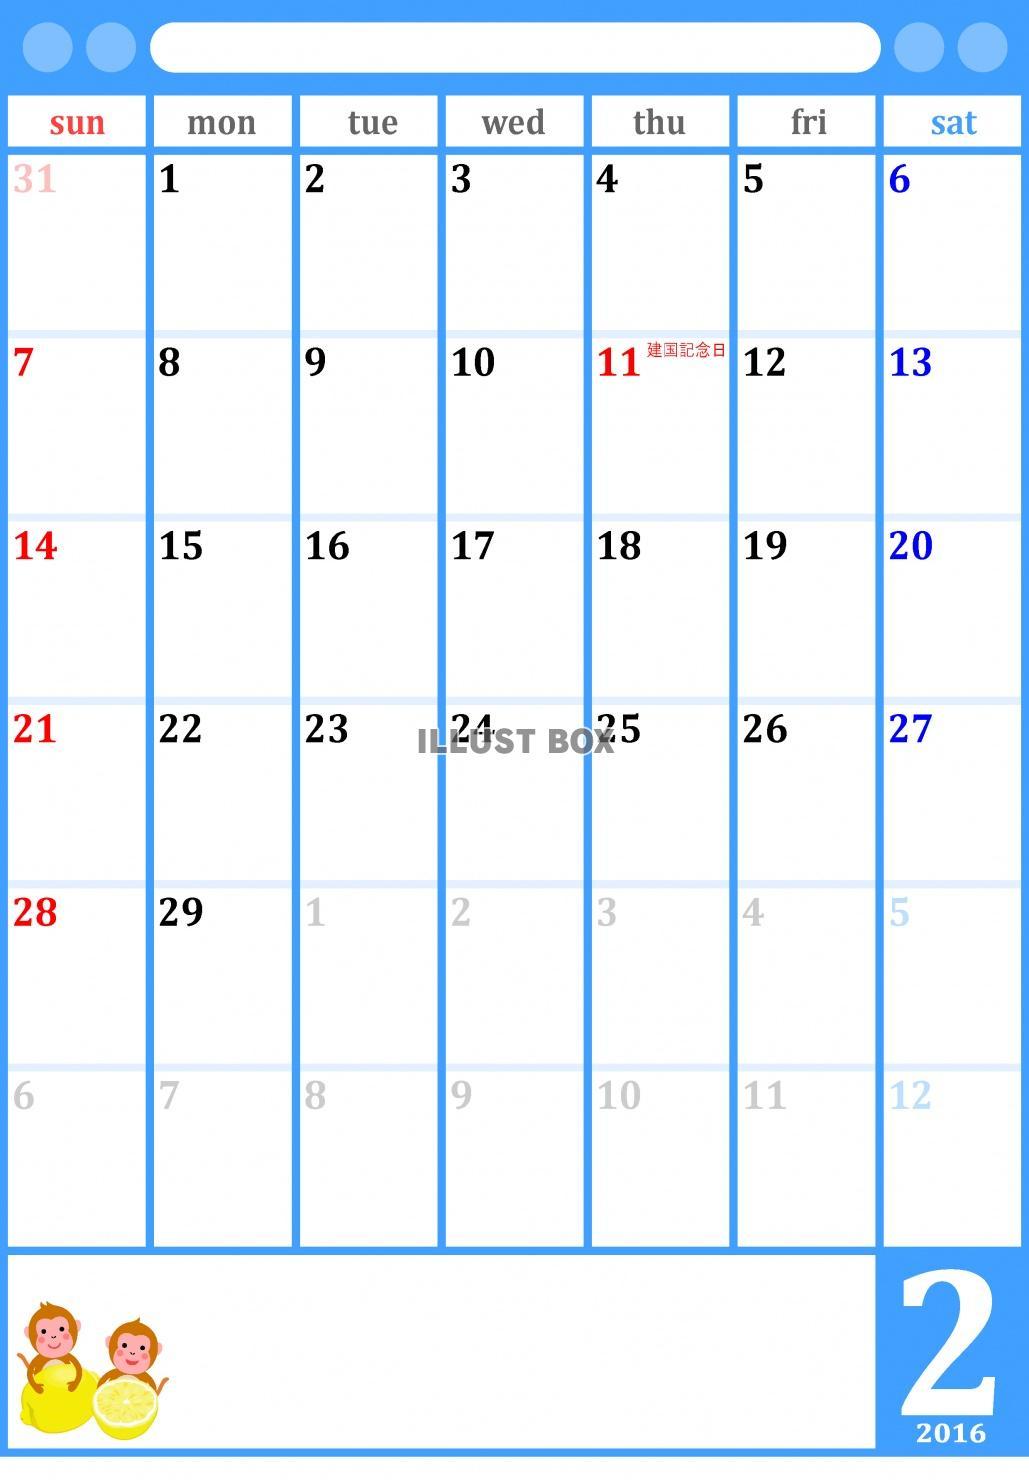 カレンダー 3ヶ月カレンダー : サンプル画像は線がギザギザに ...